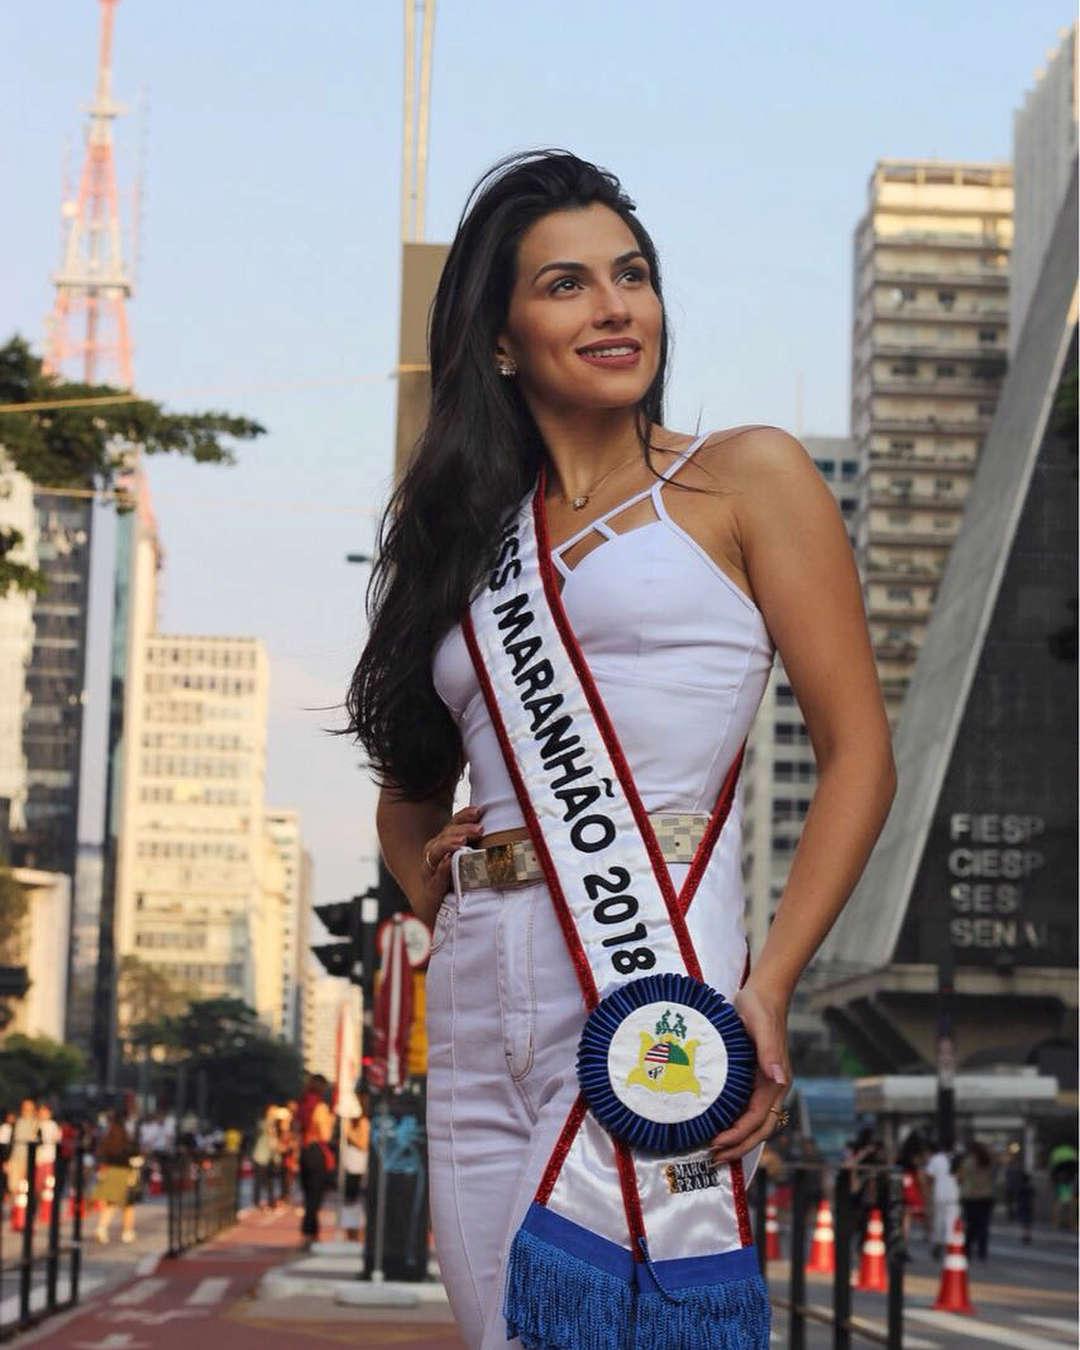 lorena bessani, miss maranhao universo 2018. 31028410